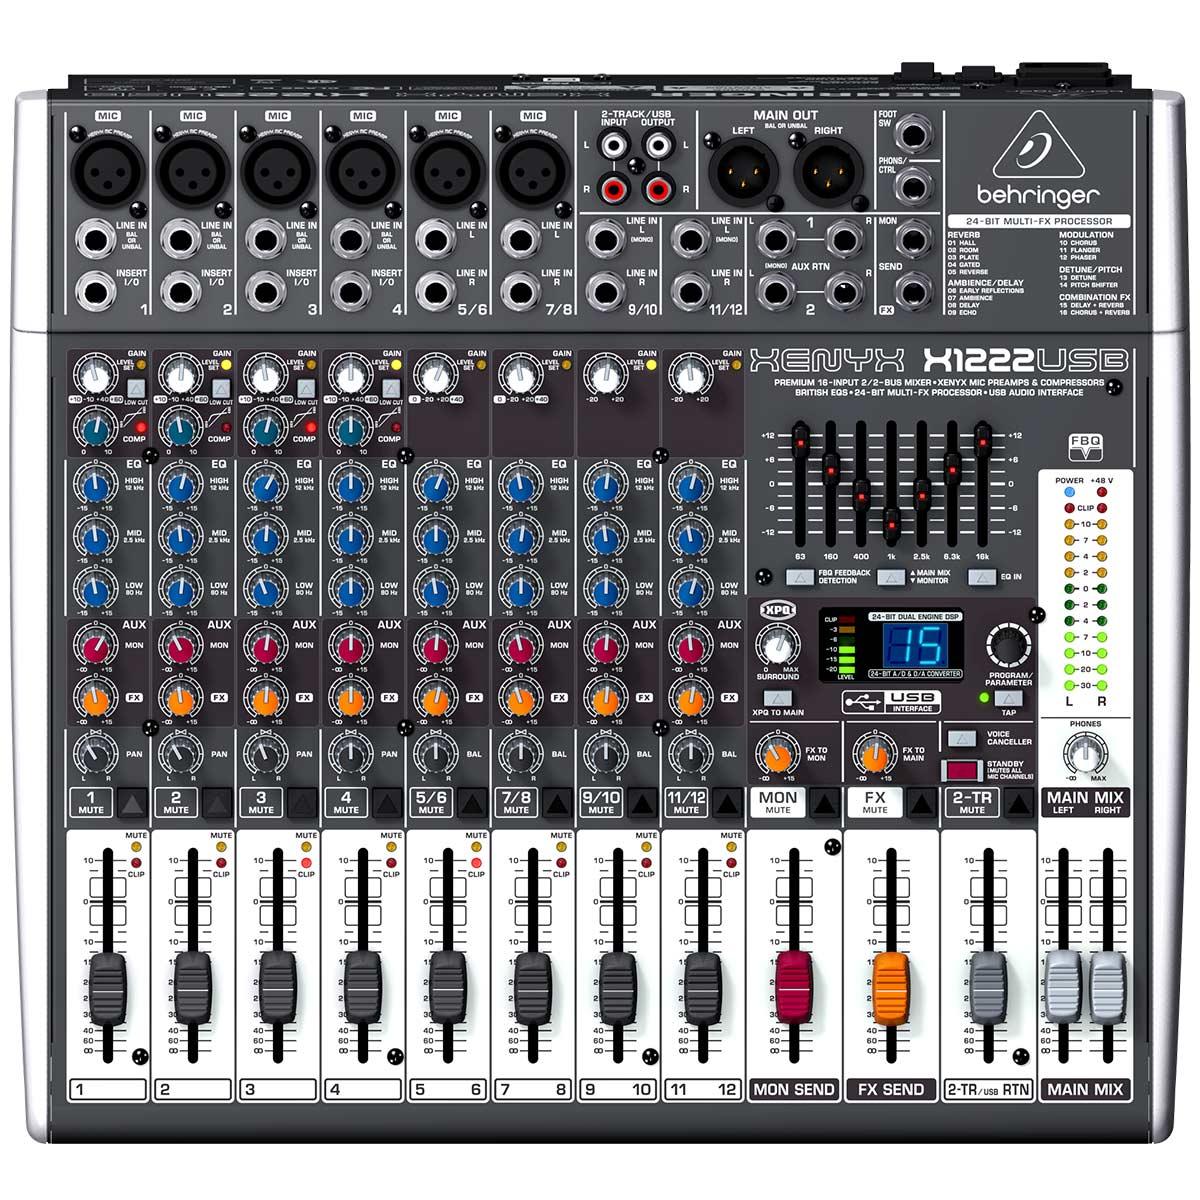 X1222USB - Mesa de Som / Mixer 12 Canais Xenyx X 1222 USB - Behringer